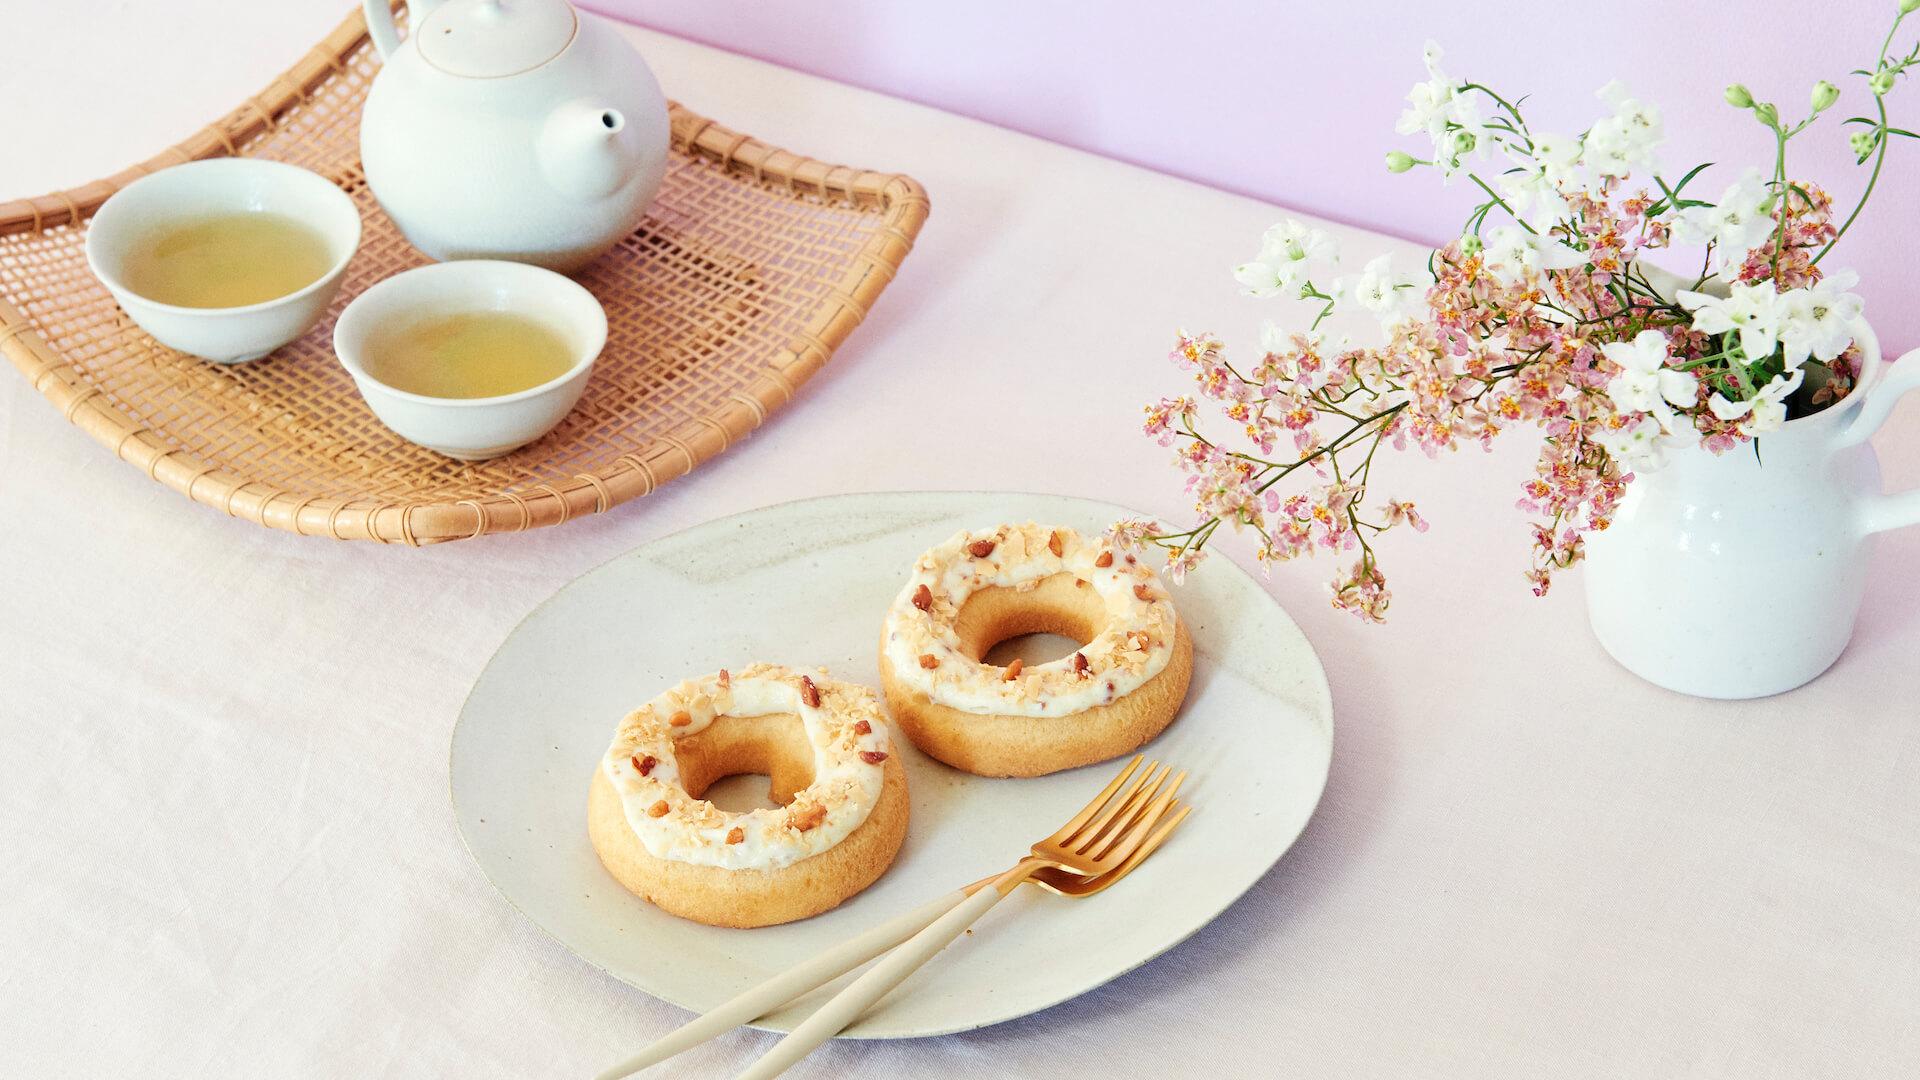 クリスピー・クリーム・ドーナツからムチモチ食感の「ムチモチ 香ばし玄米きなこ」が初夏限定で登場! gourmet210422_krispy-kreme-doughnuts-210422_2